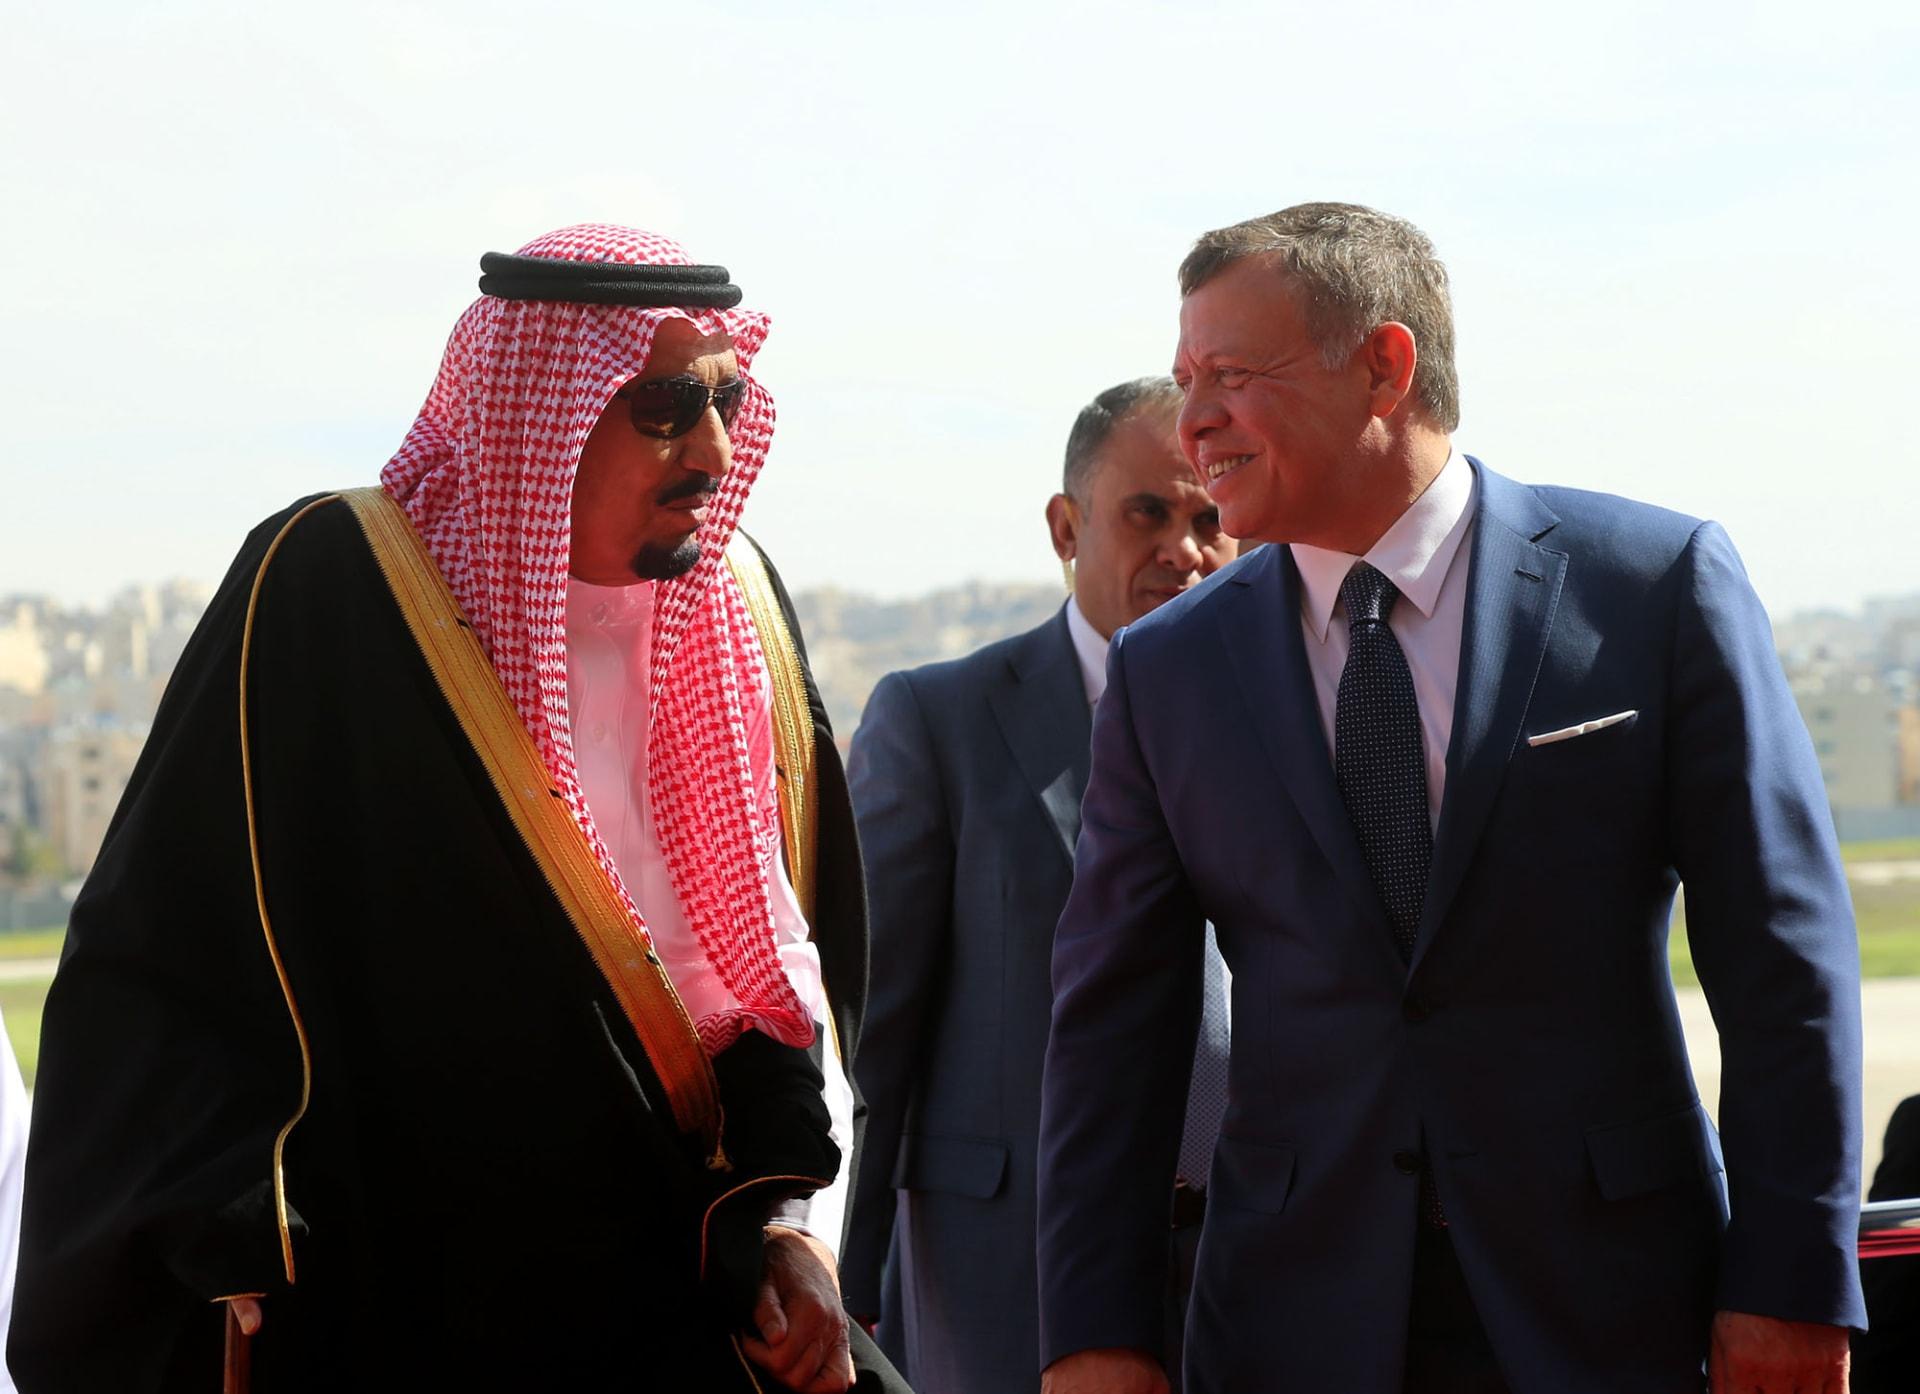 العاهل الأردني يشارك في الاجتماع الرباعي الذي دعا له الملك سلمان